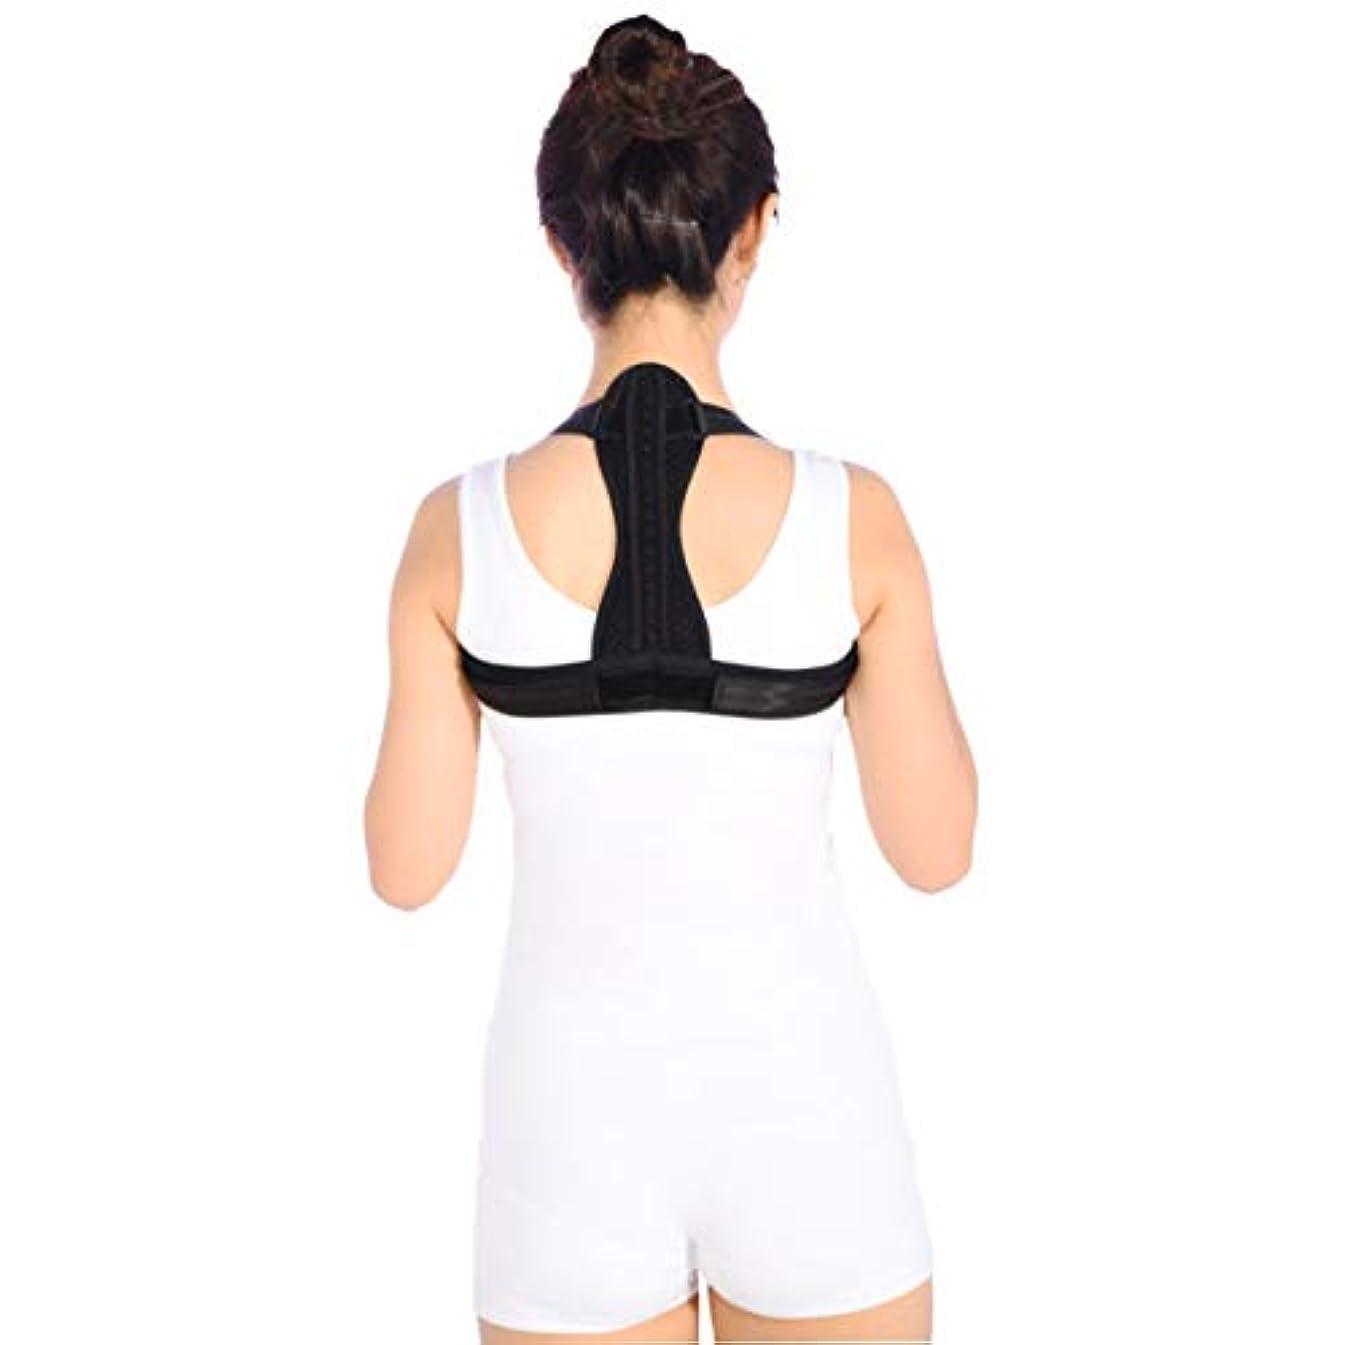 能力活性化する一握り通気性の脊柱側弯症ザトウクジラ補正ベルト調節可能な快適さ目に見えないベルト男性女性大人学生子供 - 黒